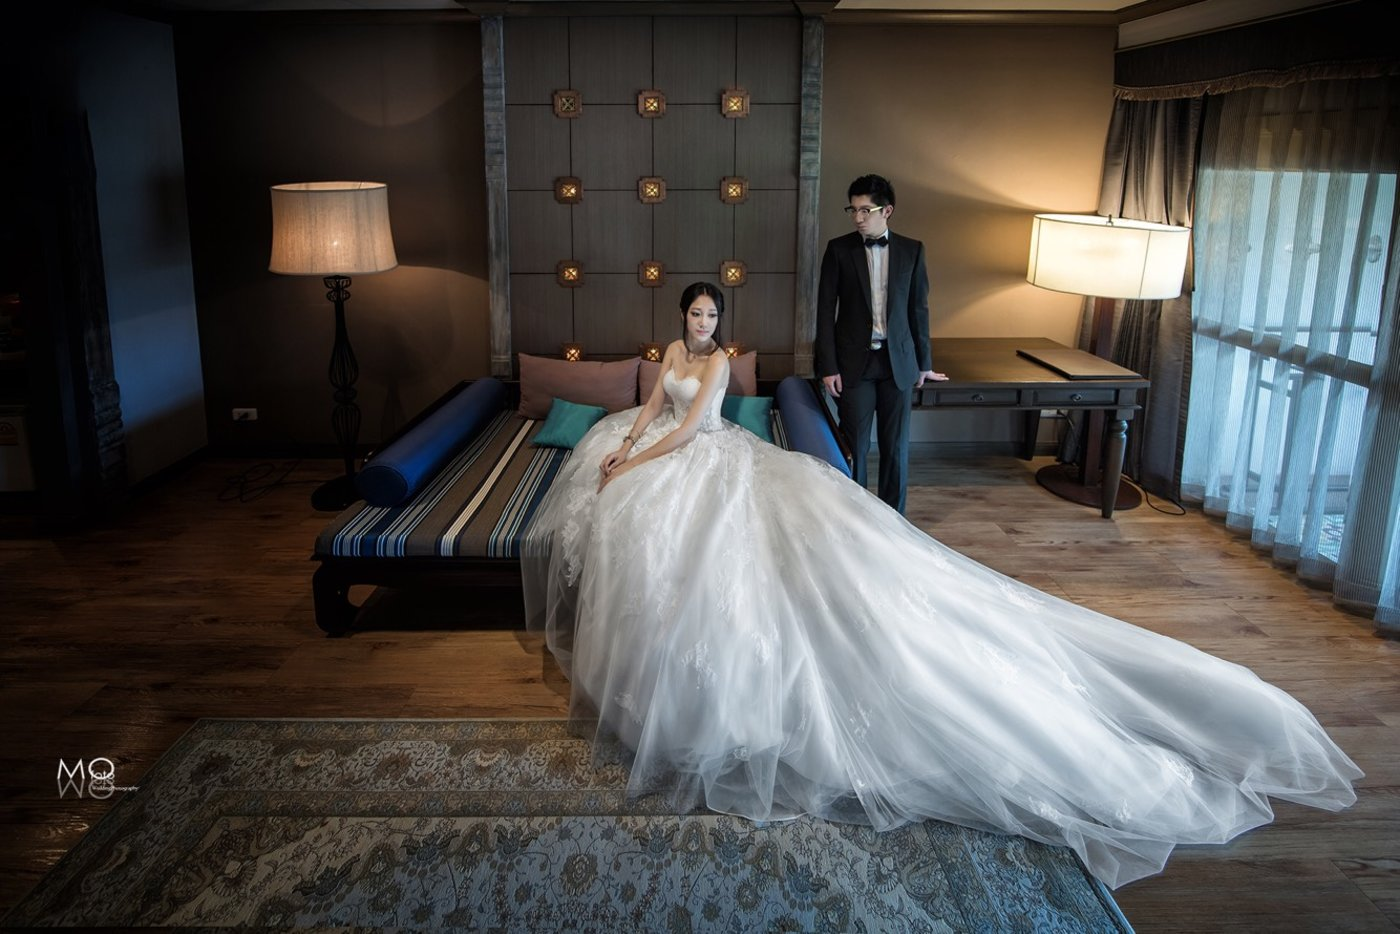 Mofoto 婚纱旅拍 泰国2